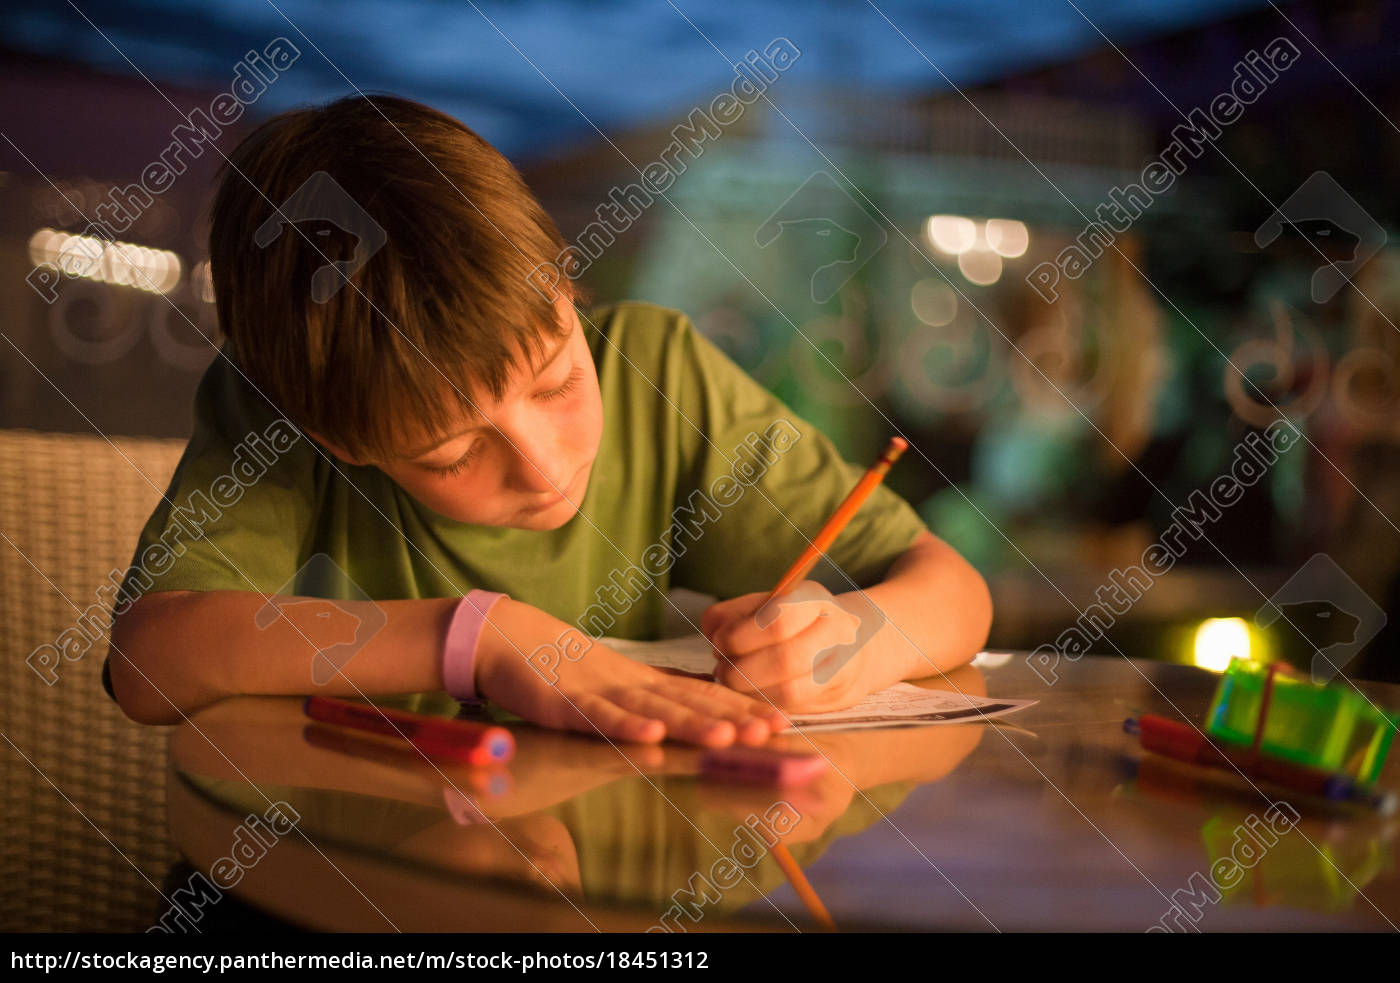 junge, konzentriert, sich, auf, das, schreiben - 18451312